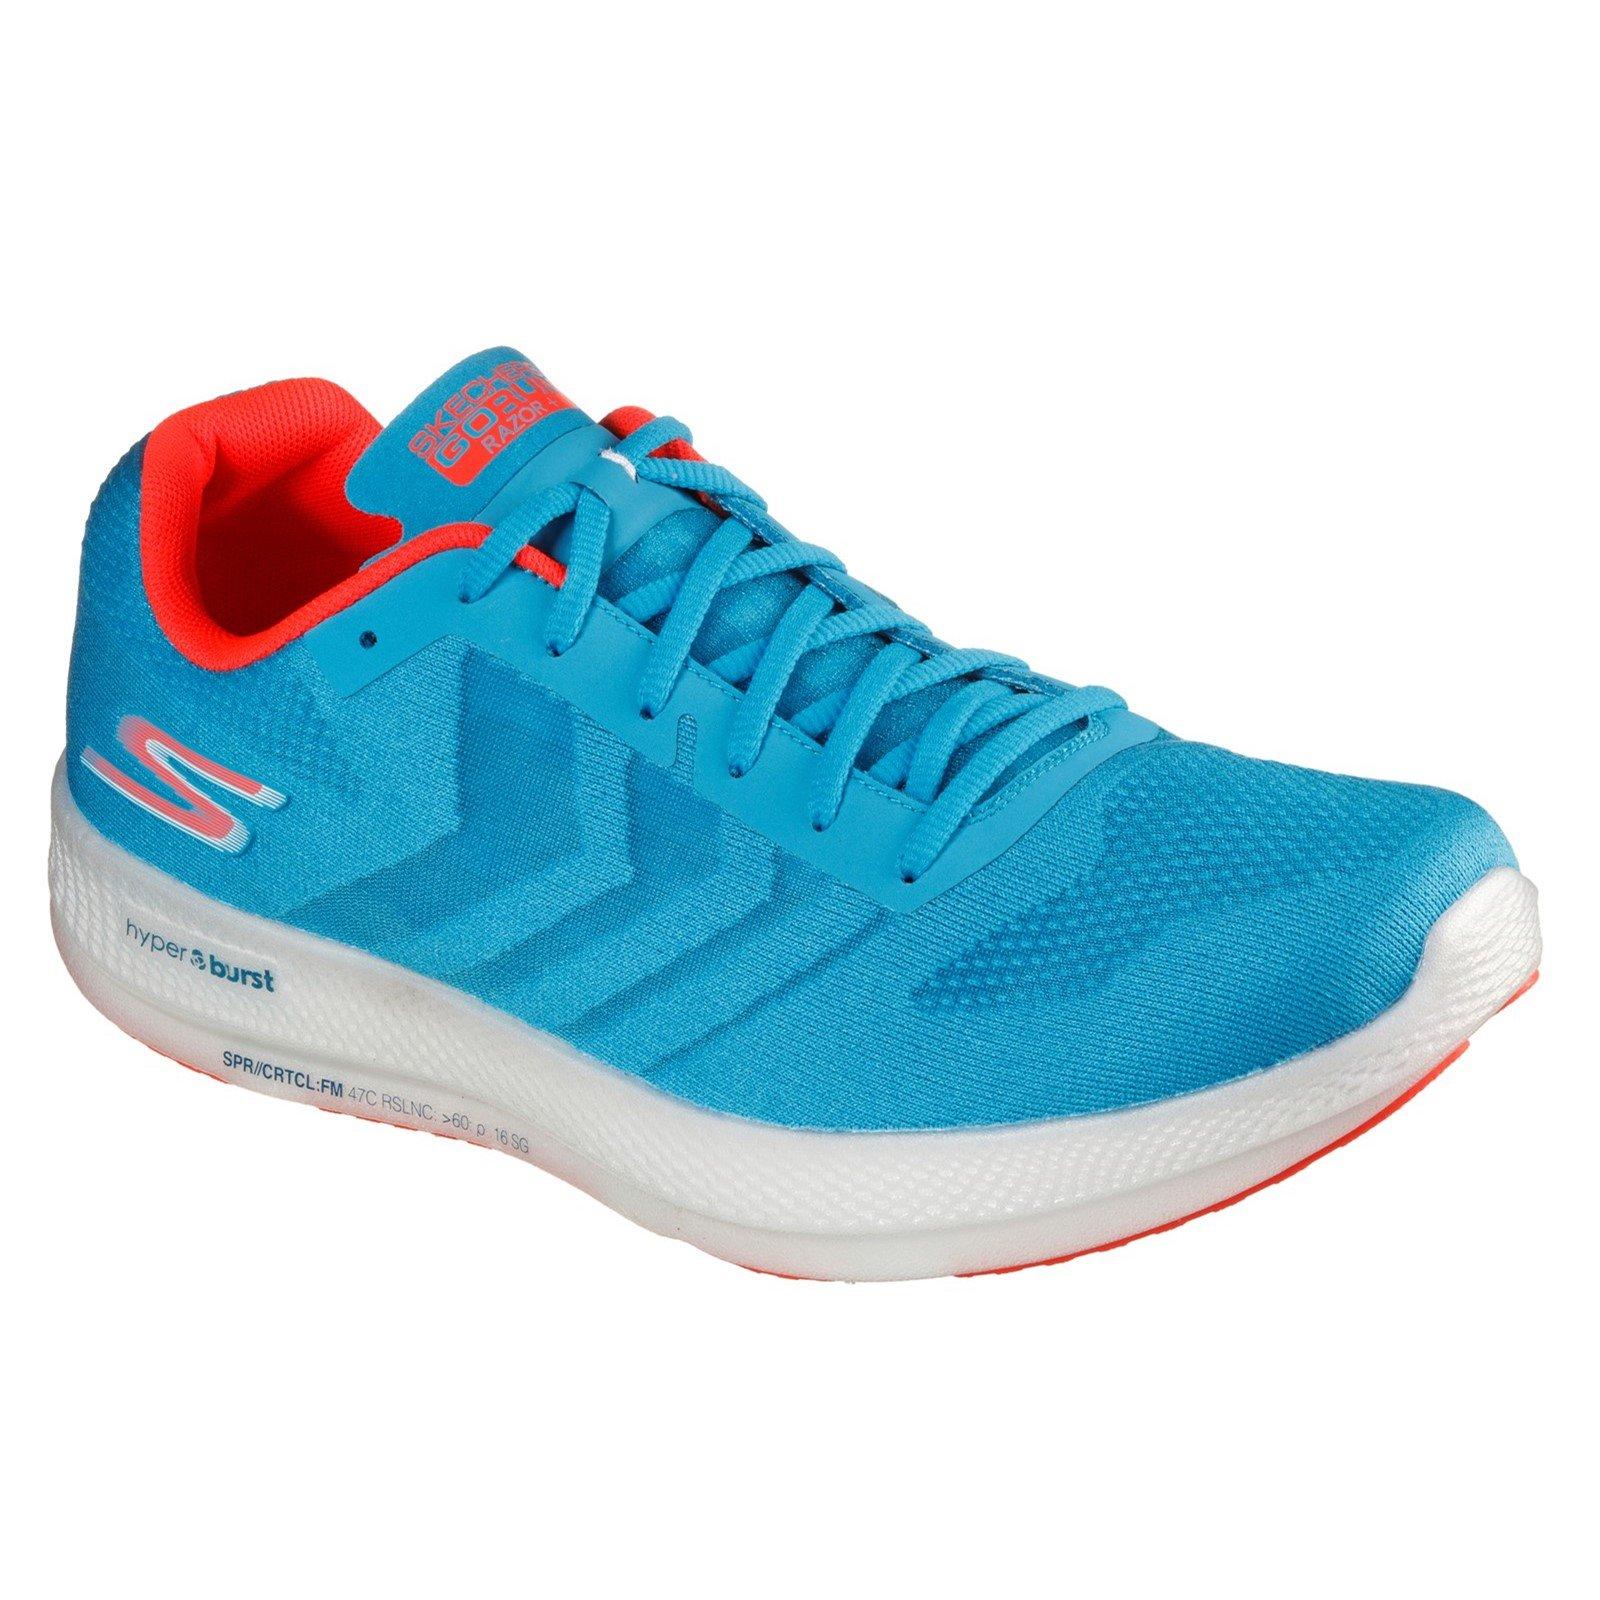 Skechers Men's Go Run Razor Trainer Multicolor 32699 - Blue/Coral 10